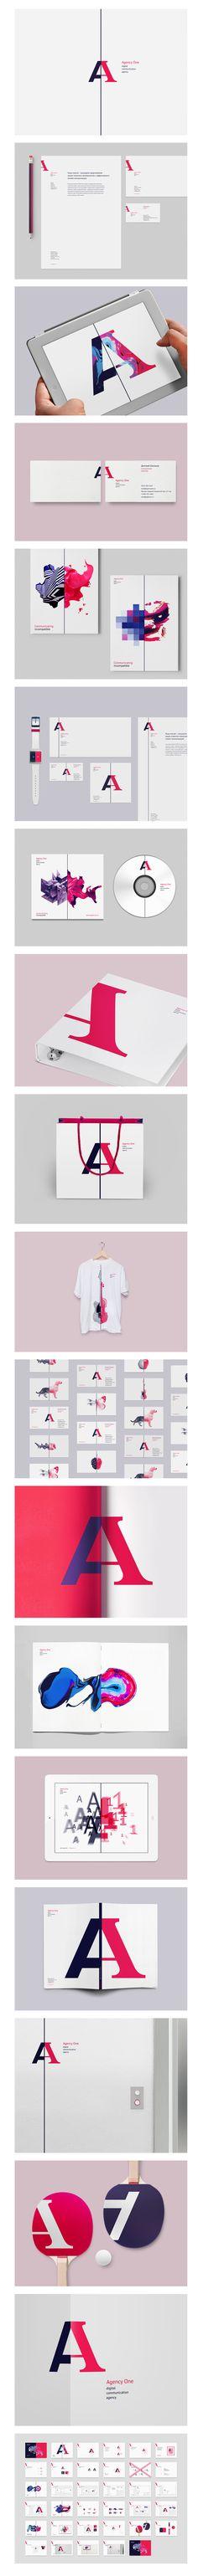 Agency One  Фирменный стиль © Вова Лифанов